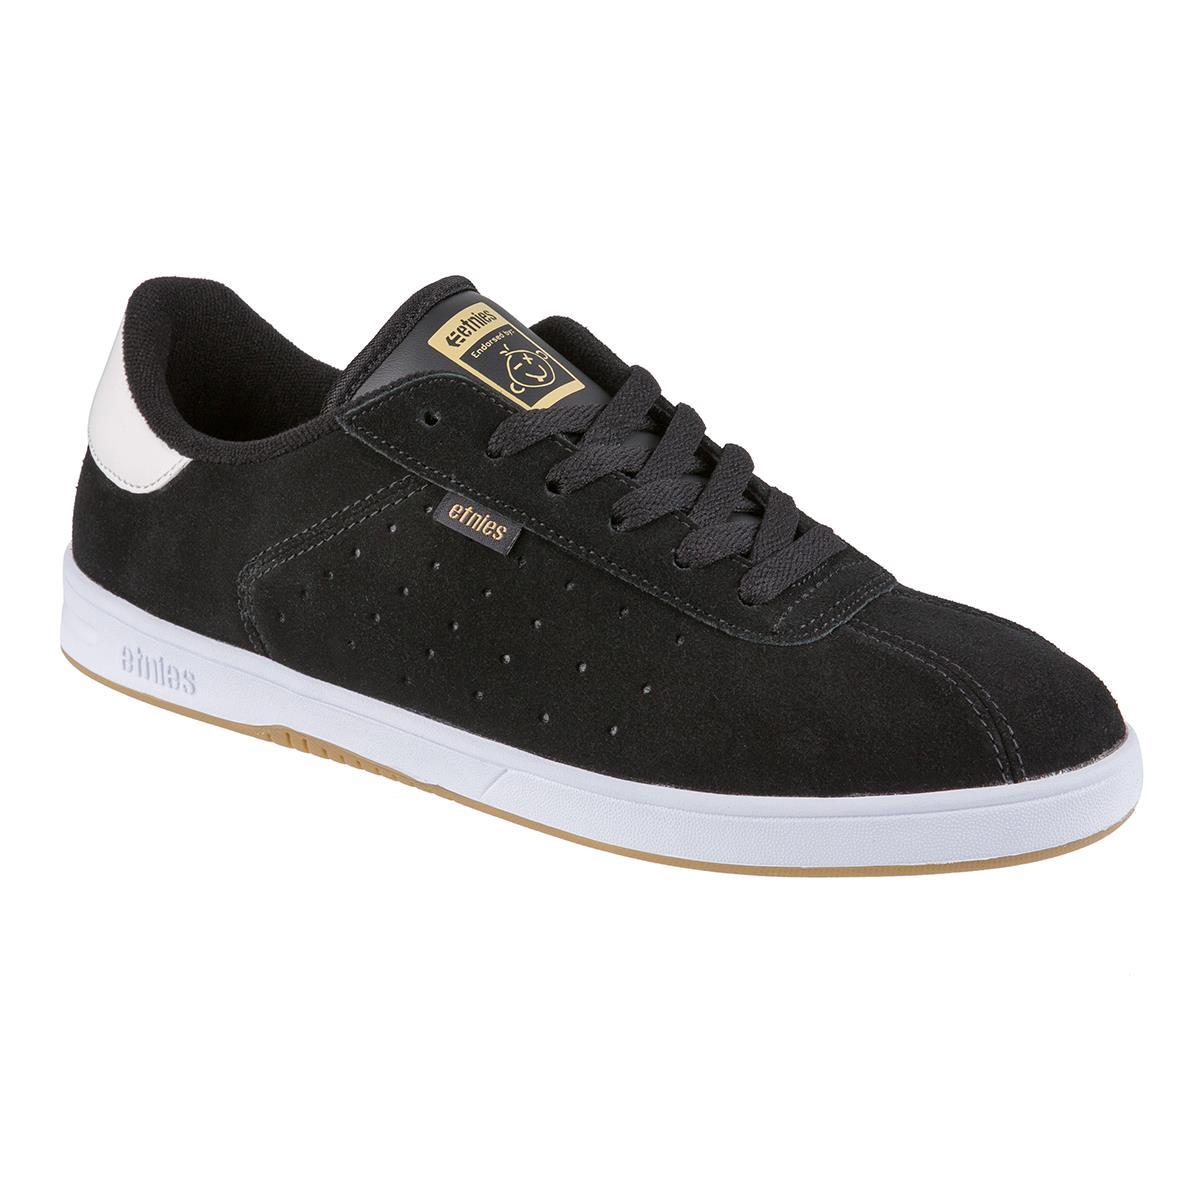 a35f3cca66 Etnies Shoes The Scam Black White Gum